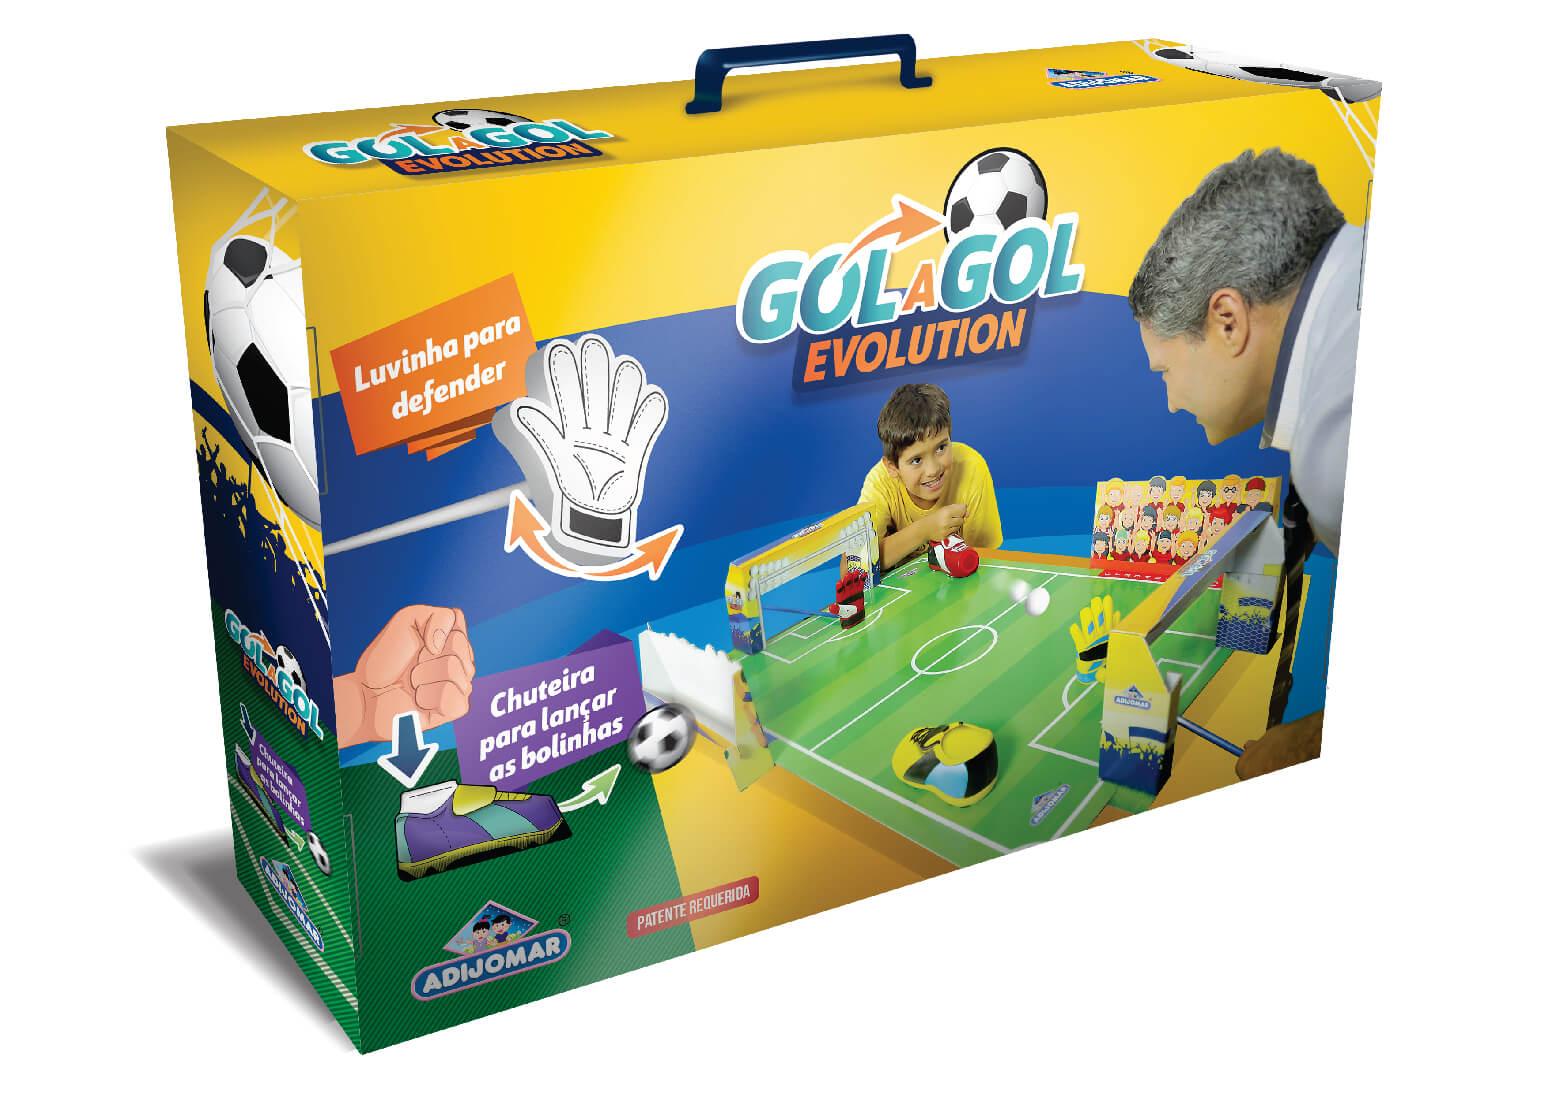 Jogo De Futebol Gol A Gol Evolution 845 Adijomar